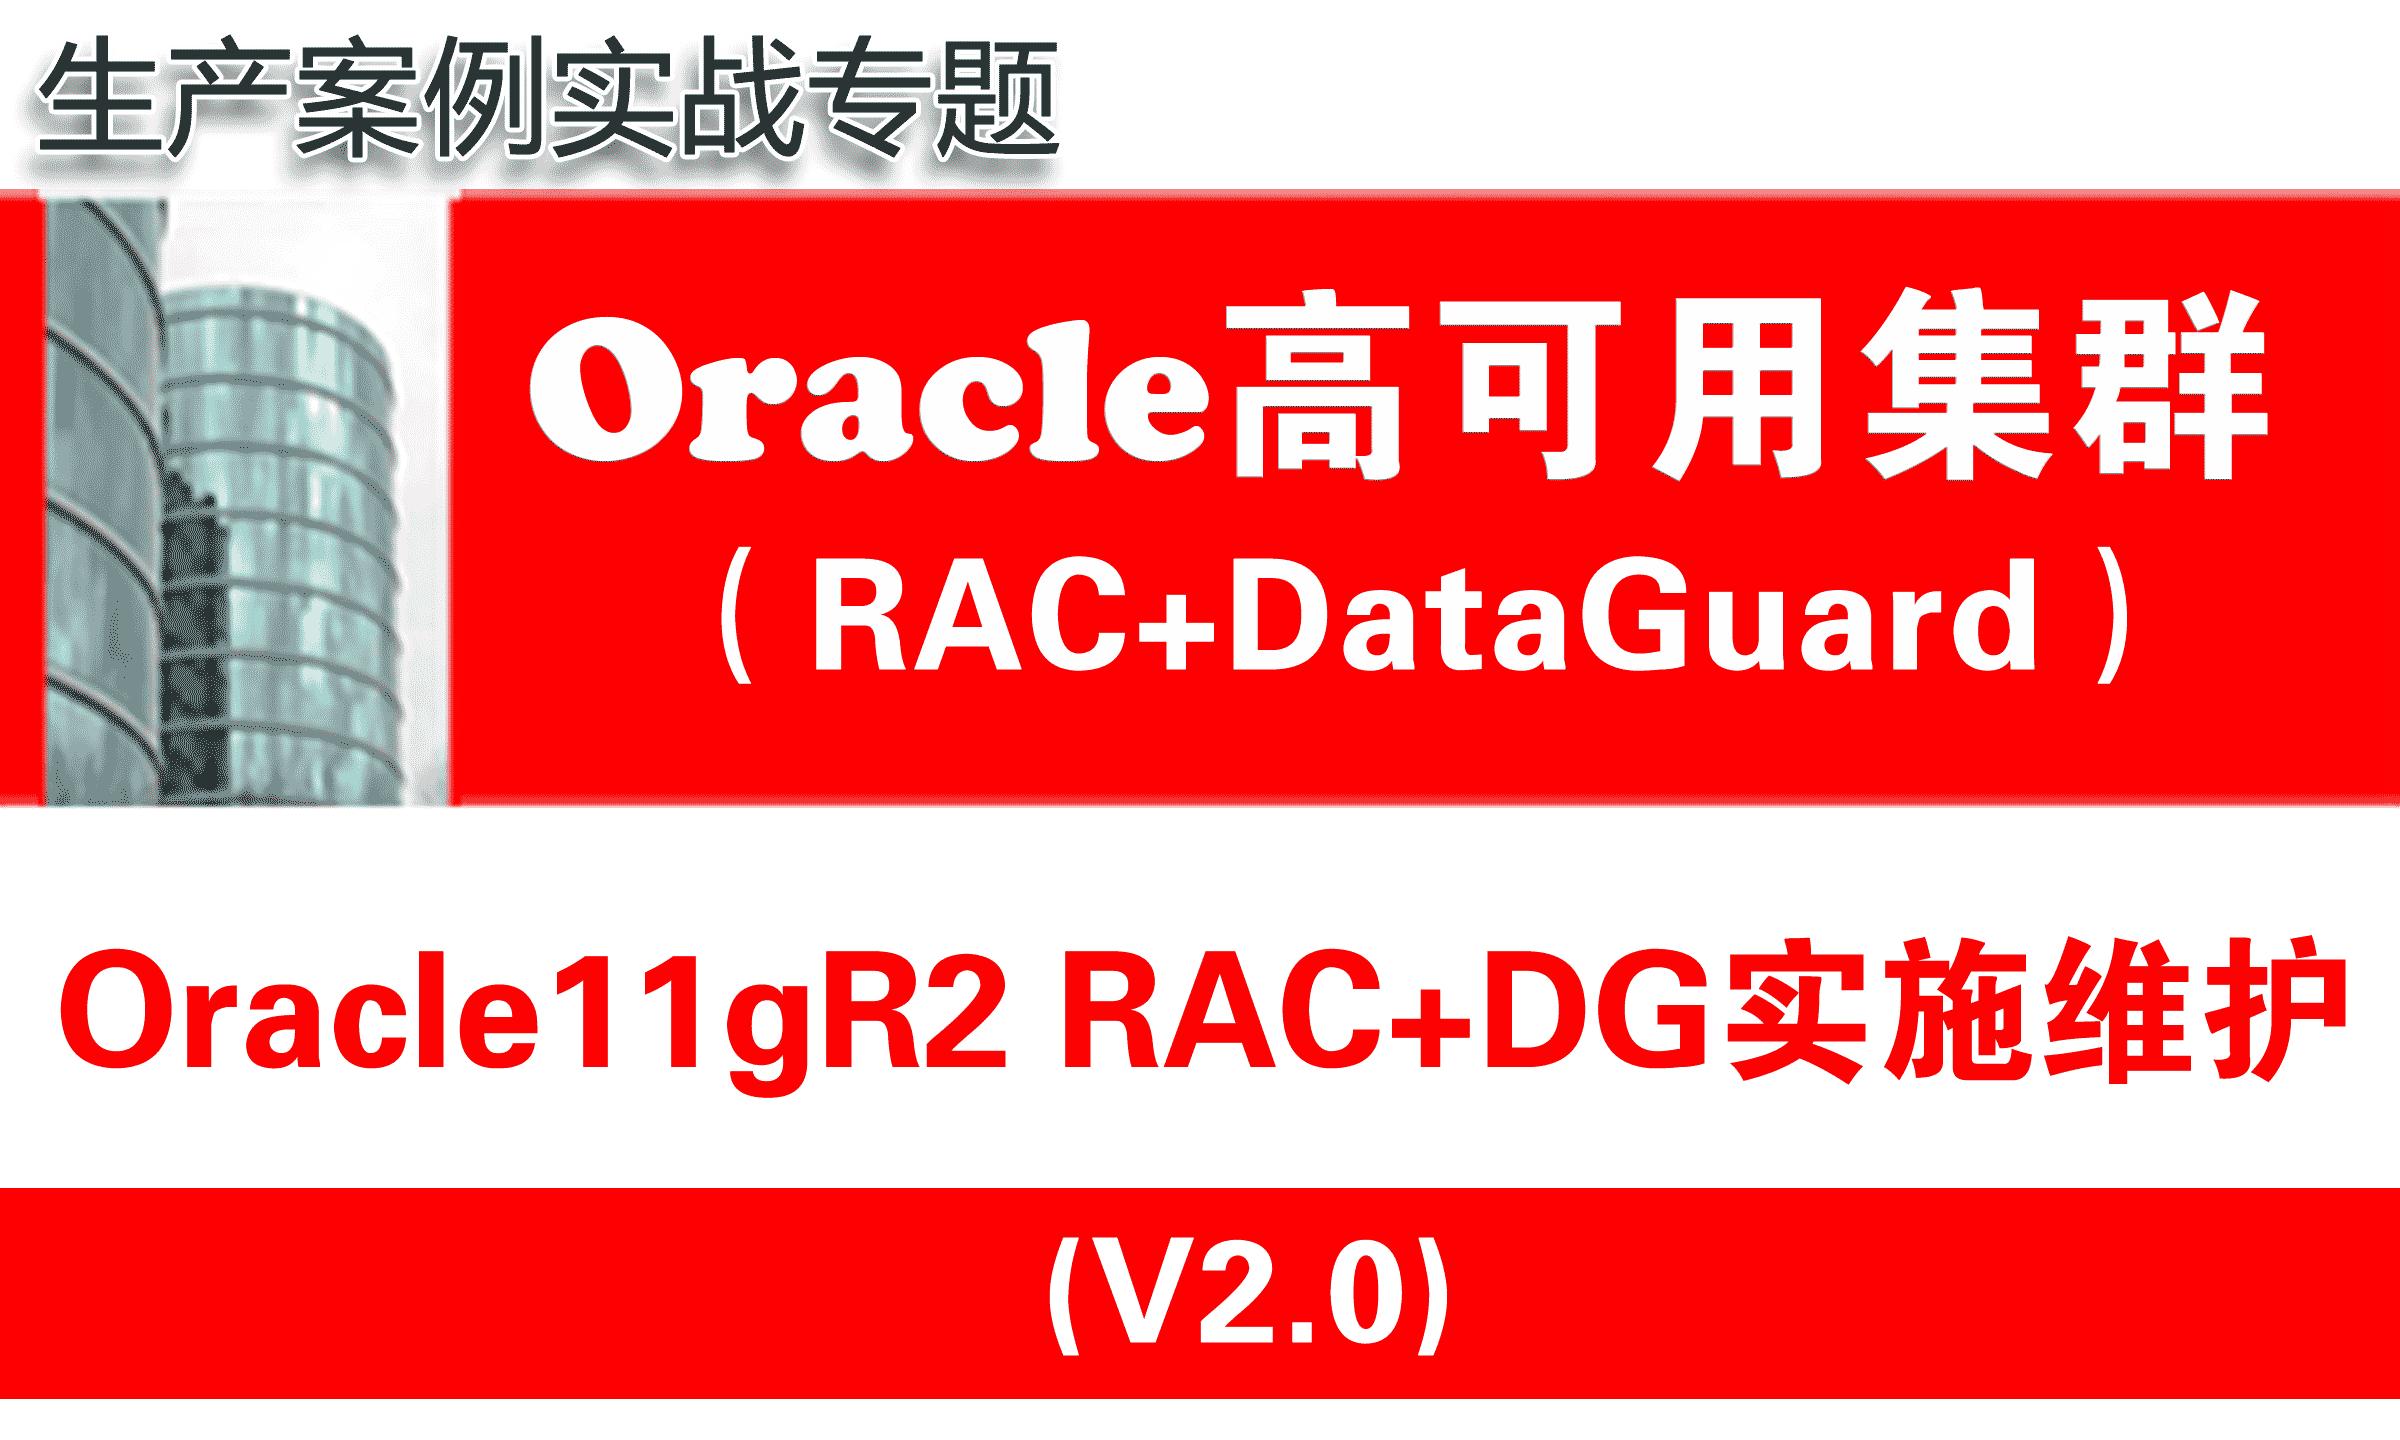 Oracle RAC+DataGuard集群容灾项目2.0